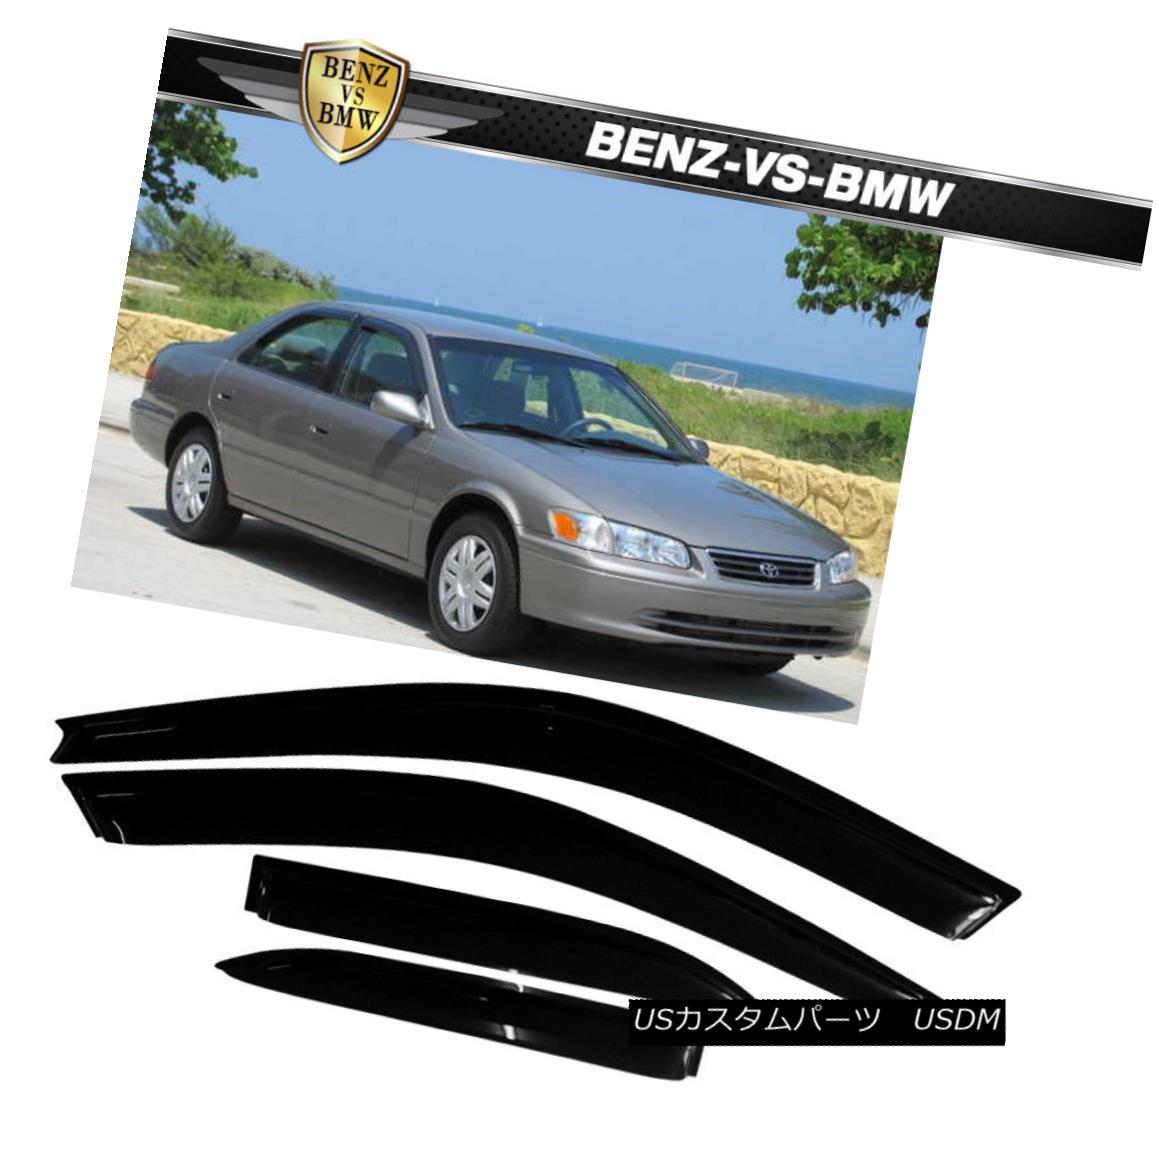 エアロパーツ Set Visors 97-01 4Pc Toyota Fits Window Sedan フィット97-01トヨタカムリセダンウィンドウバイザーズ4PCセット Camry